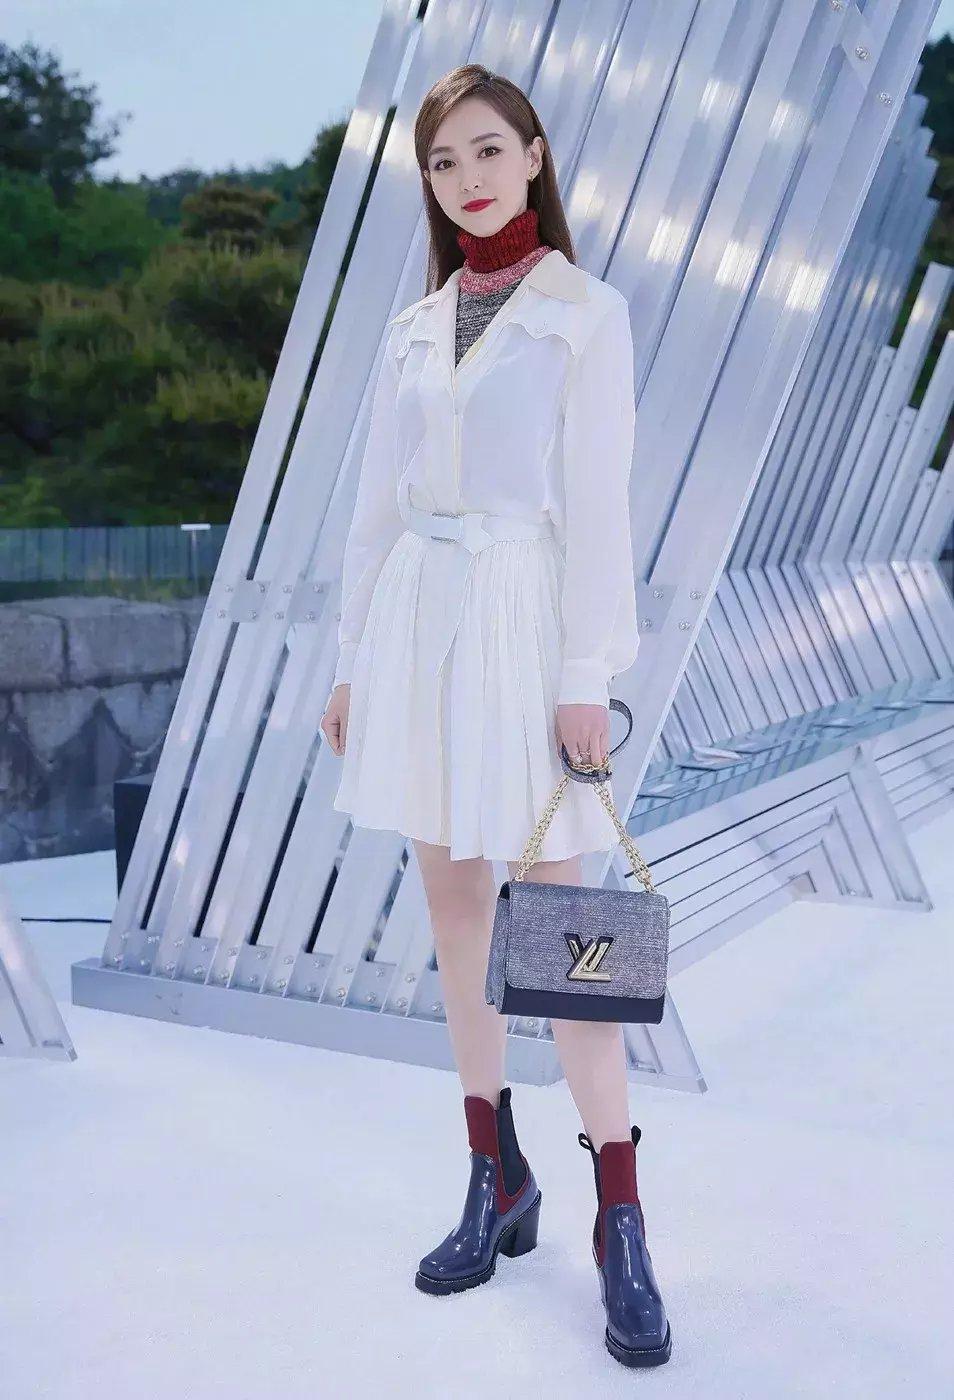 裙子+短靴才是初秋最时髦搭配! 5